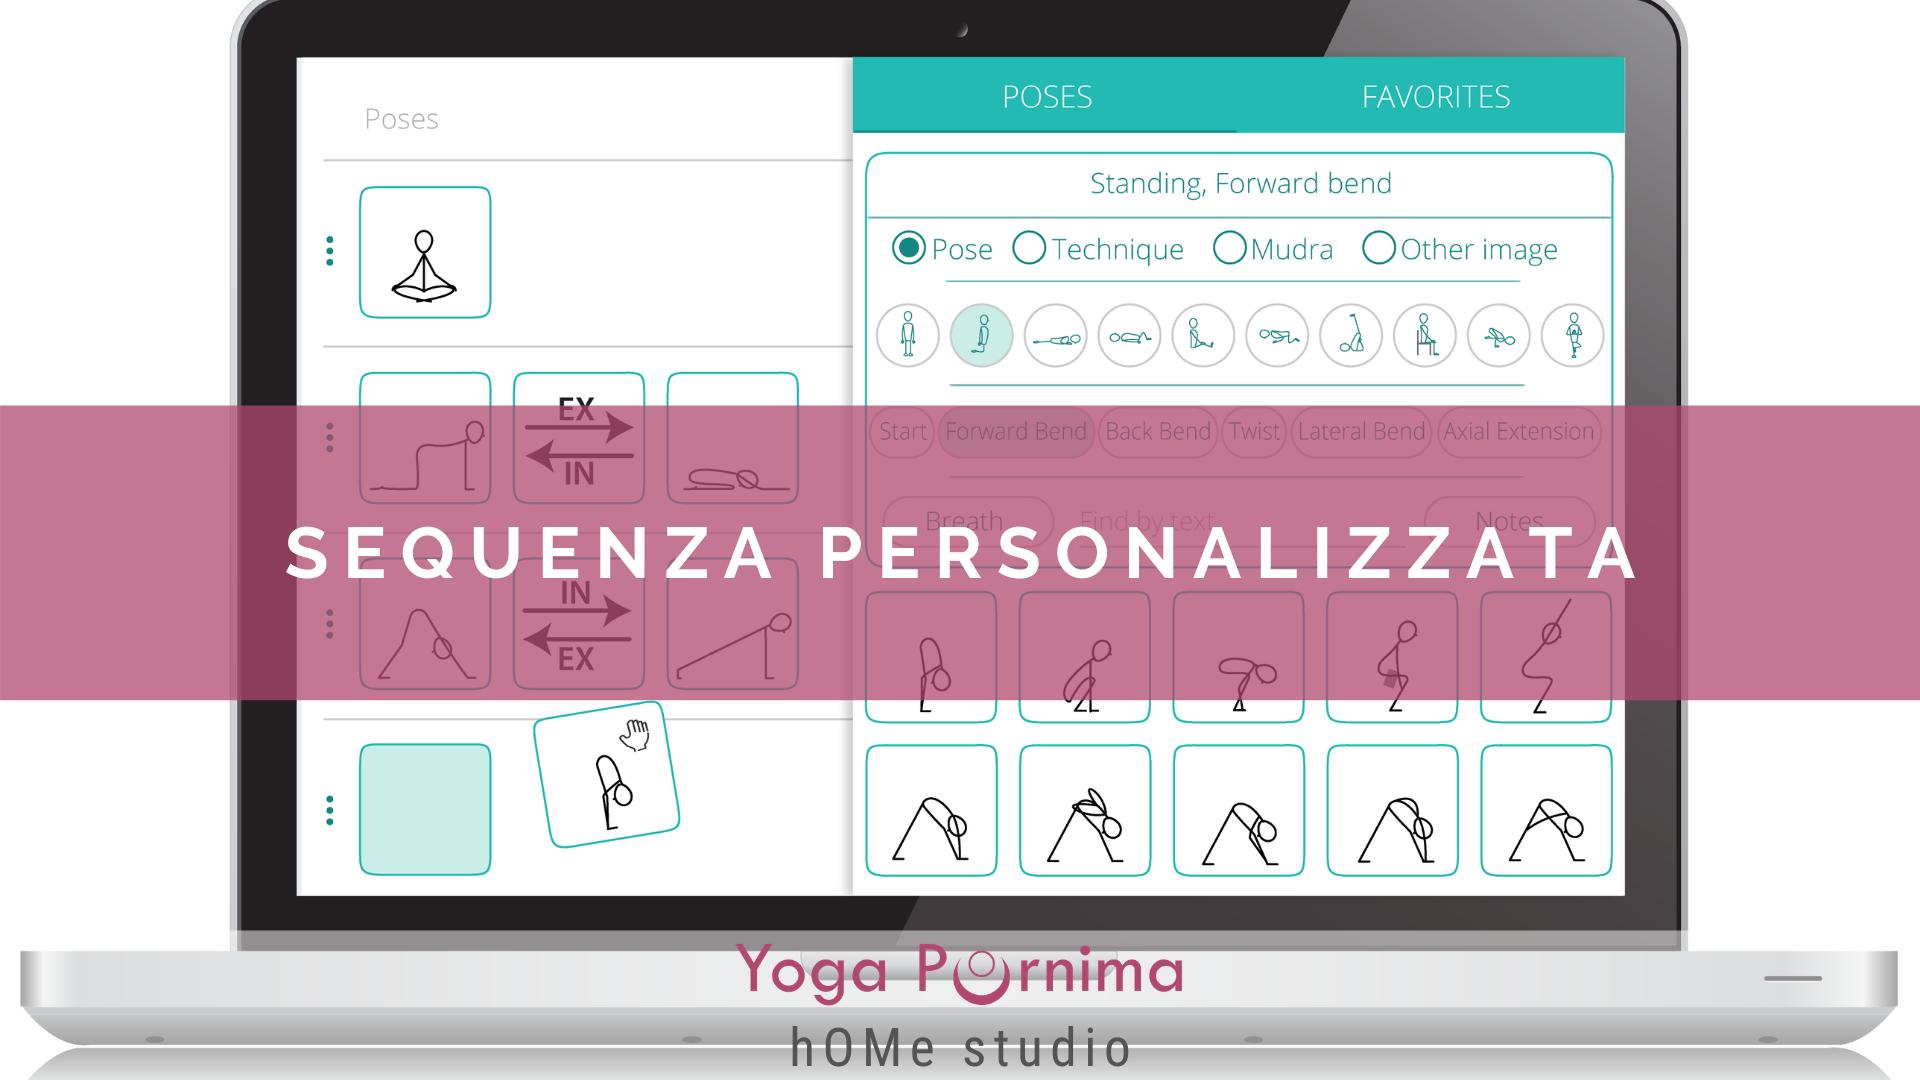 Yoga dedicato: crea la tua sequenza personalizzata